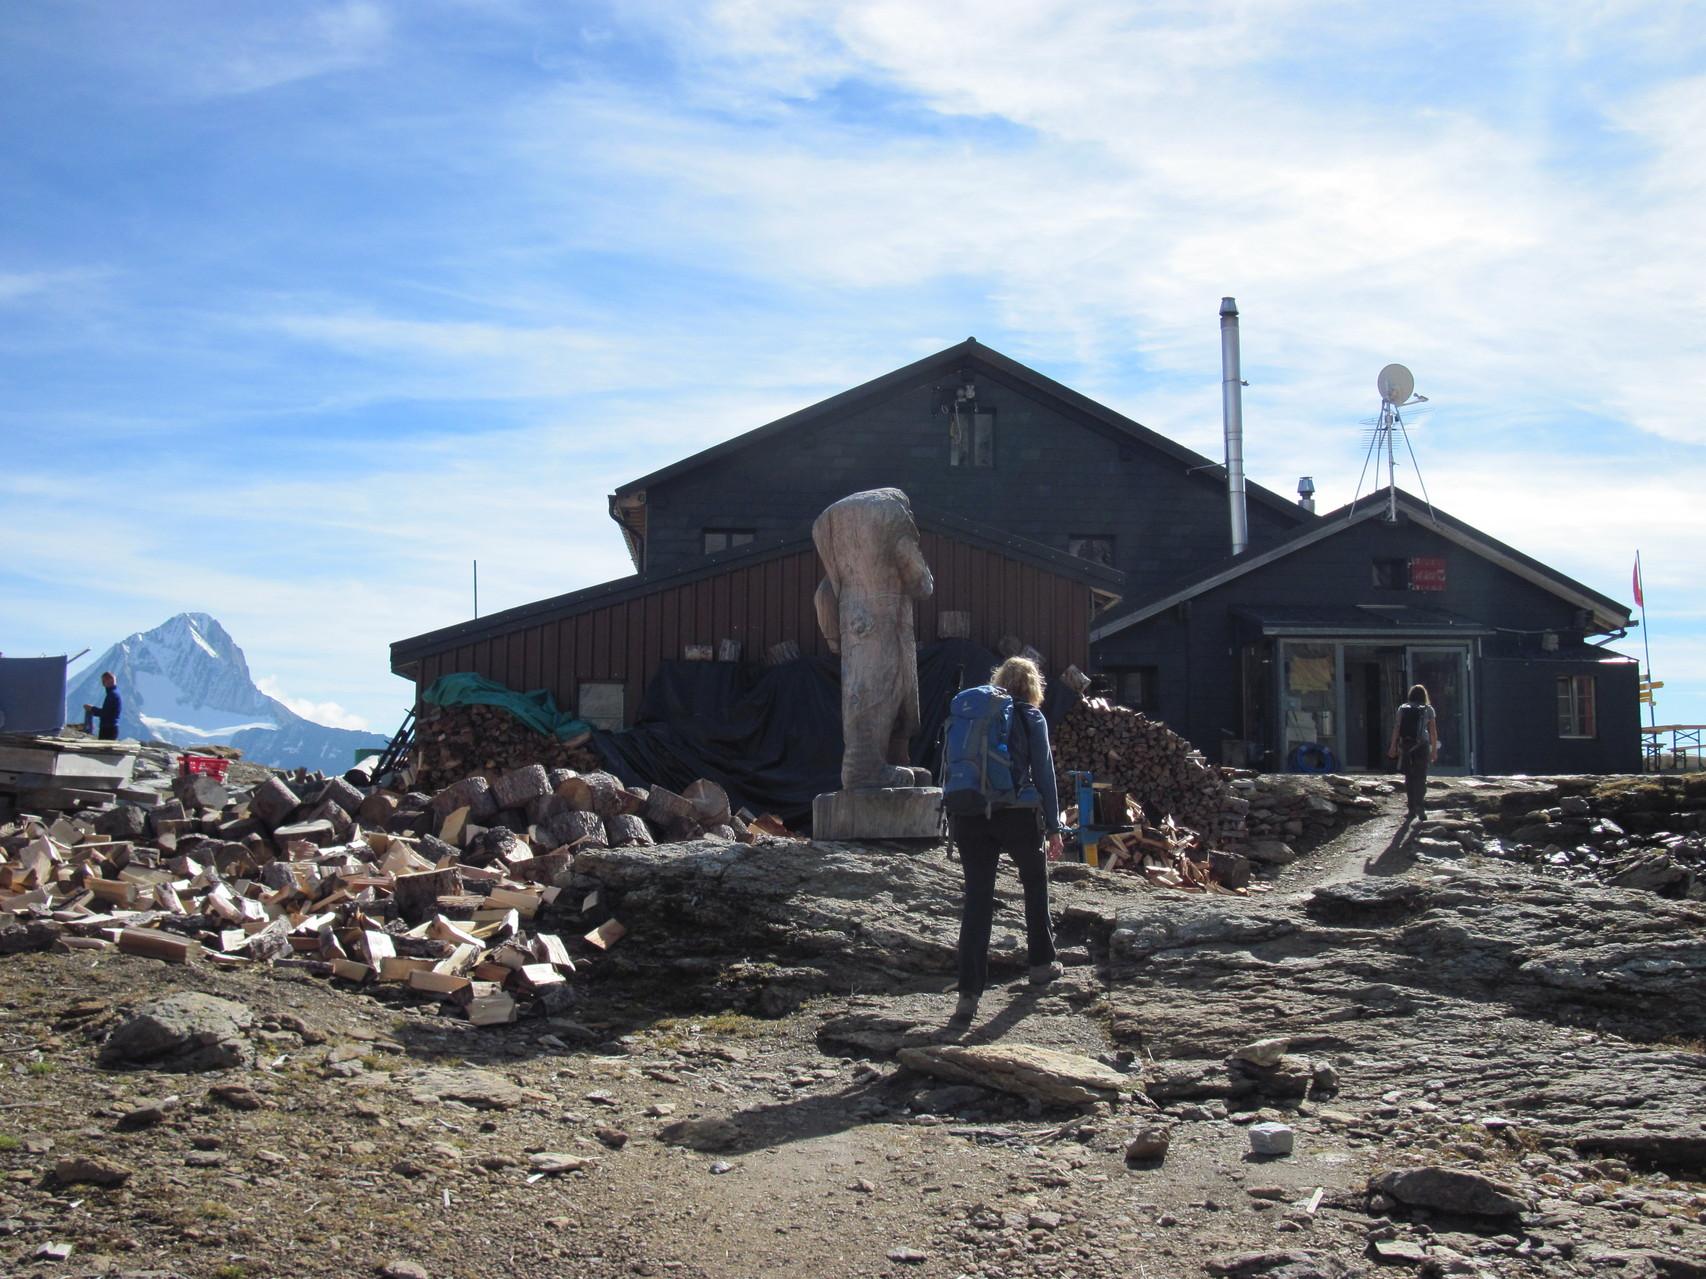 Ankunft Lötschenpass und Lötschenpasshütte